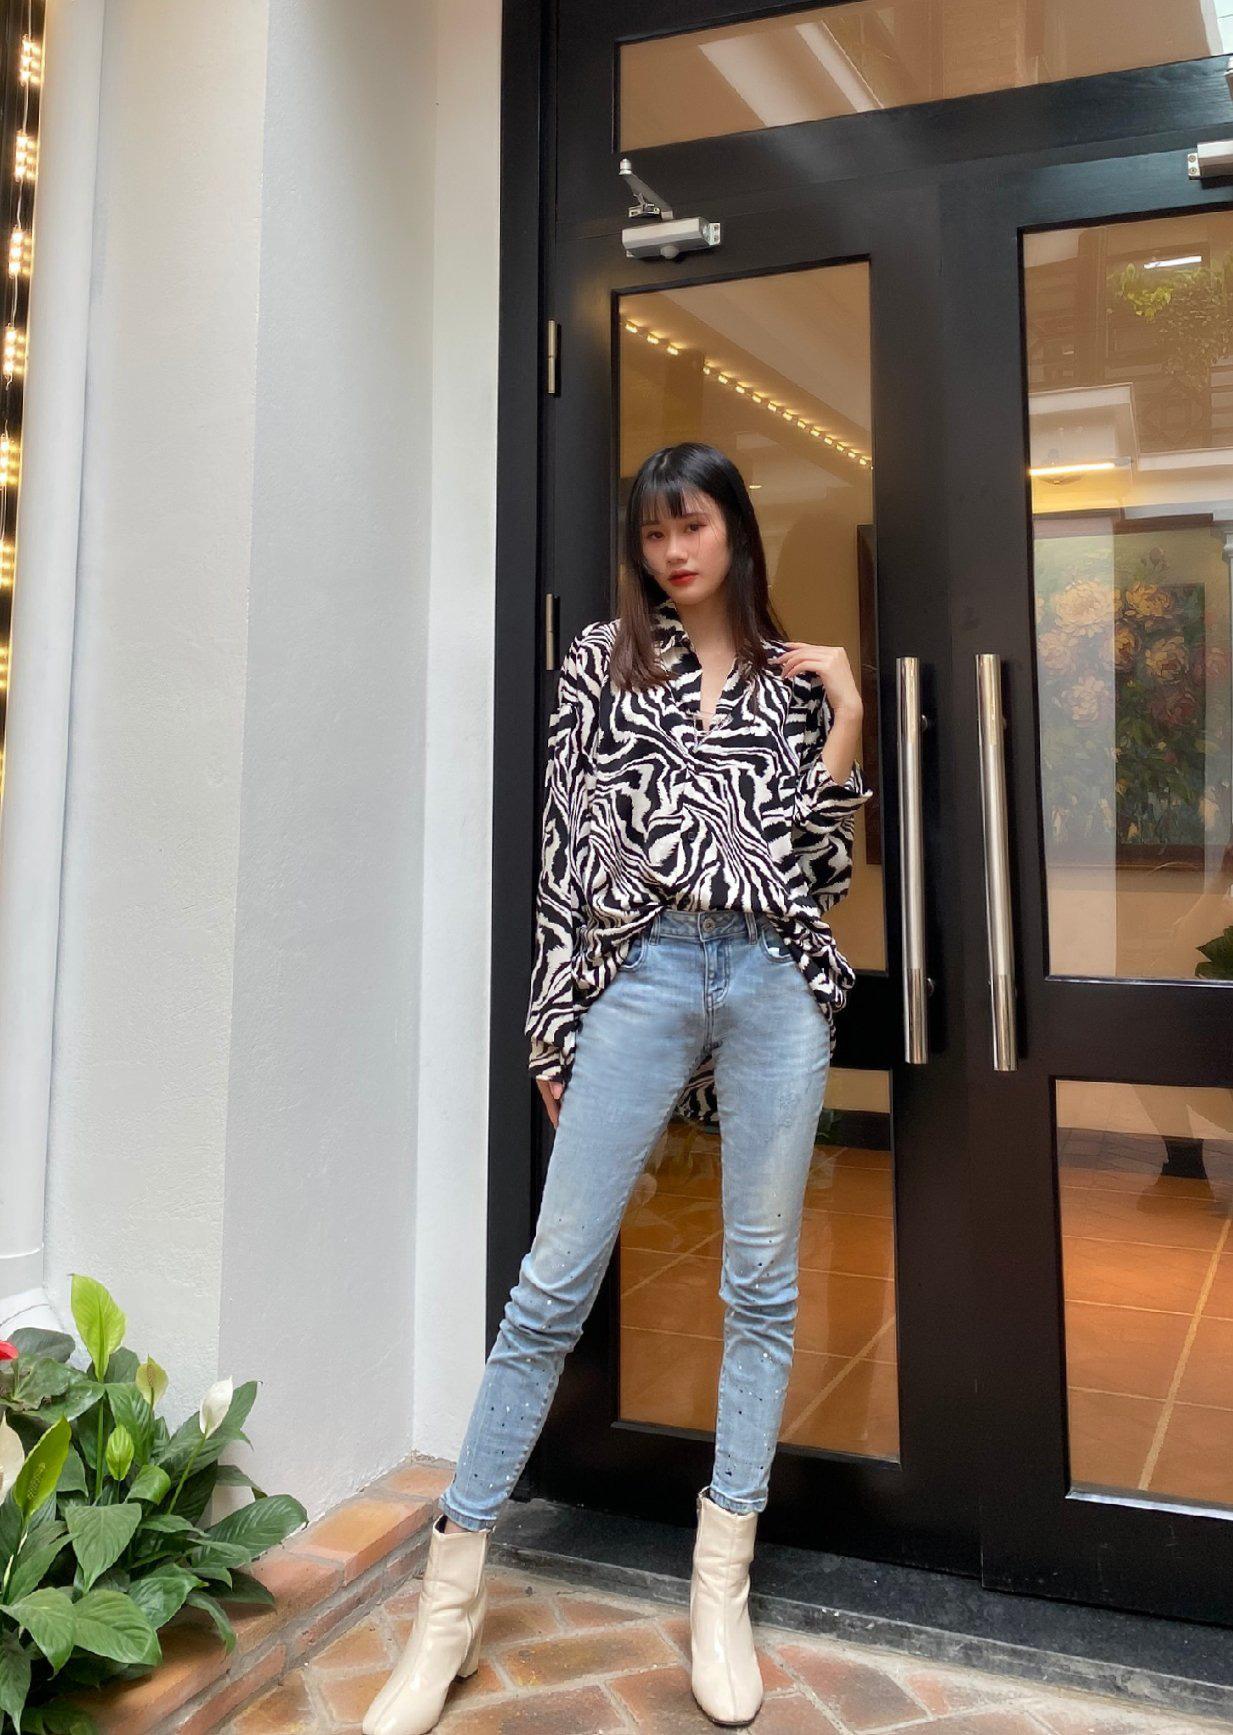 Điểm danh 6 dáng quần jeans mà cô nàng thời trang không thể thiếu - Ảnh 1.